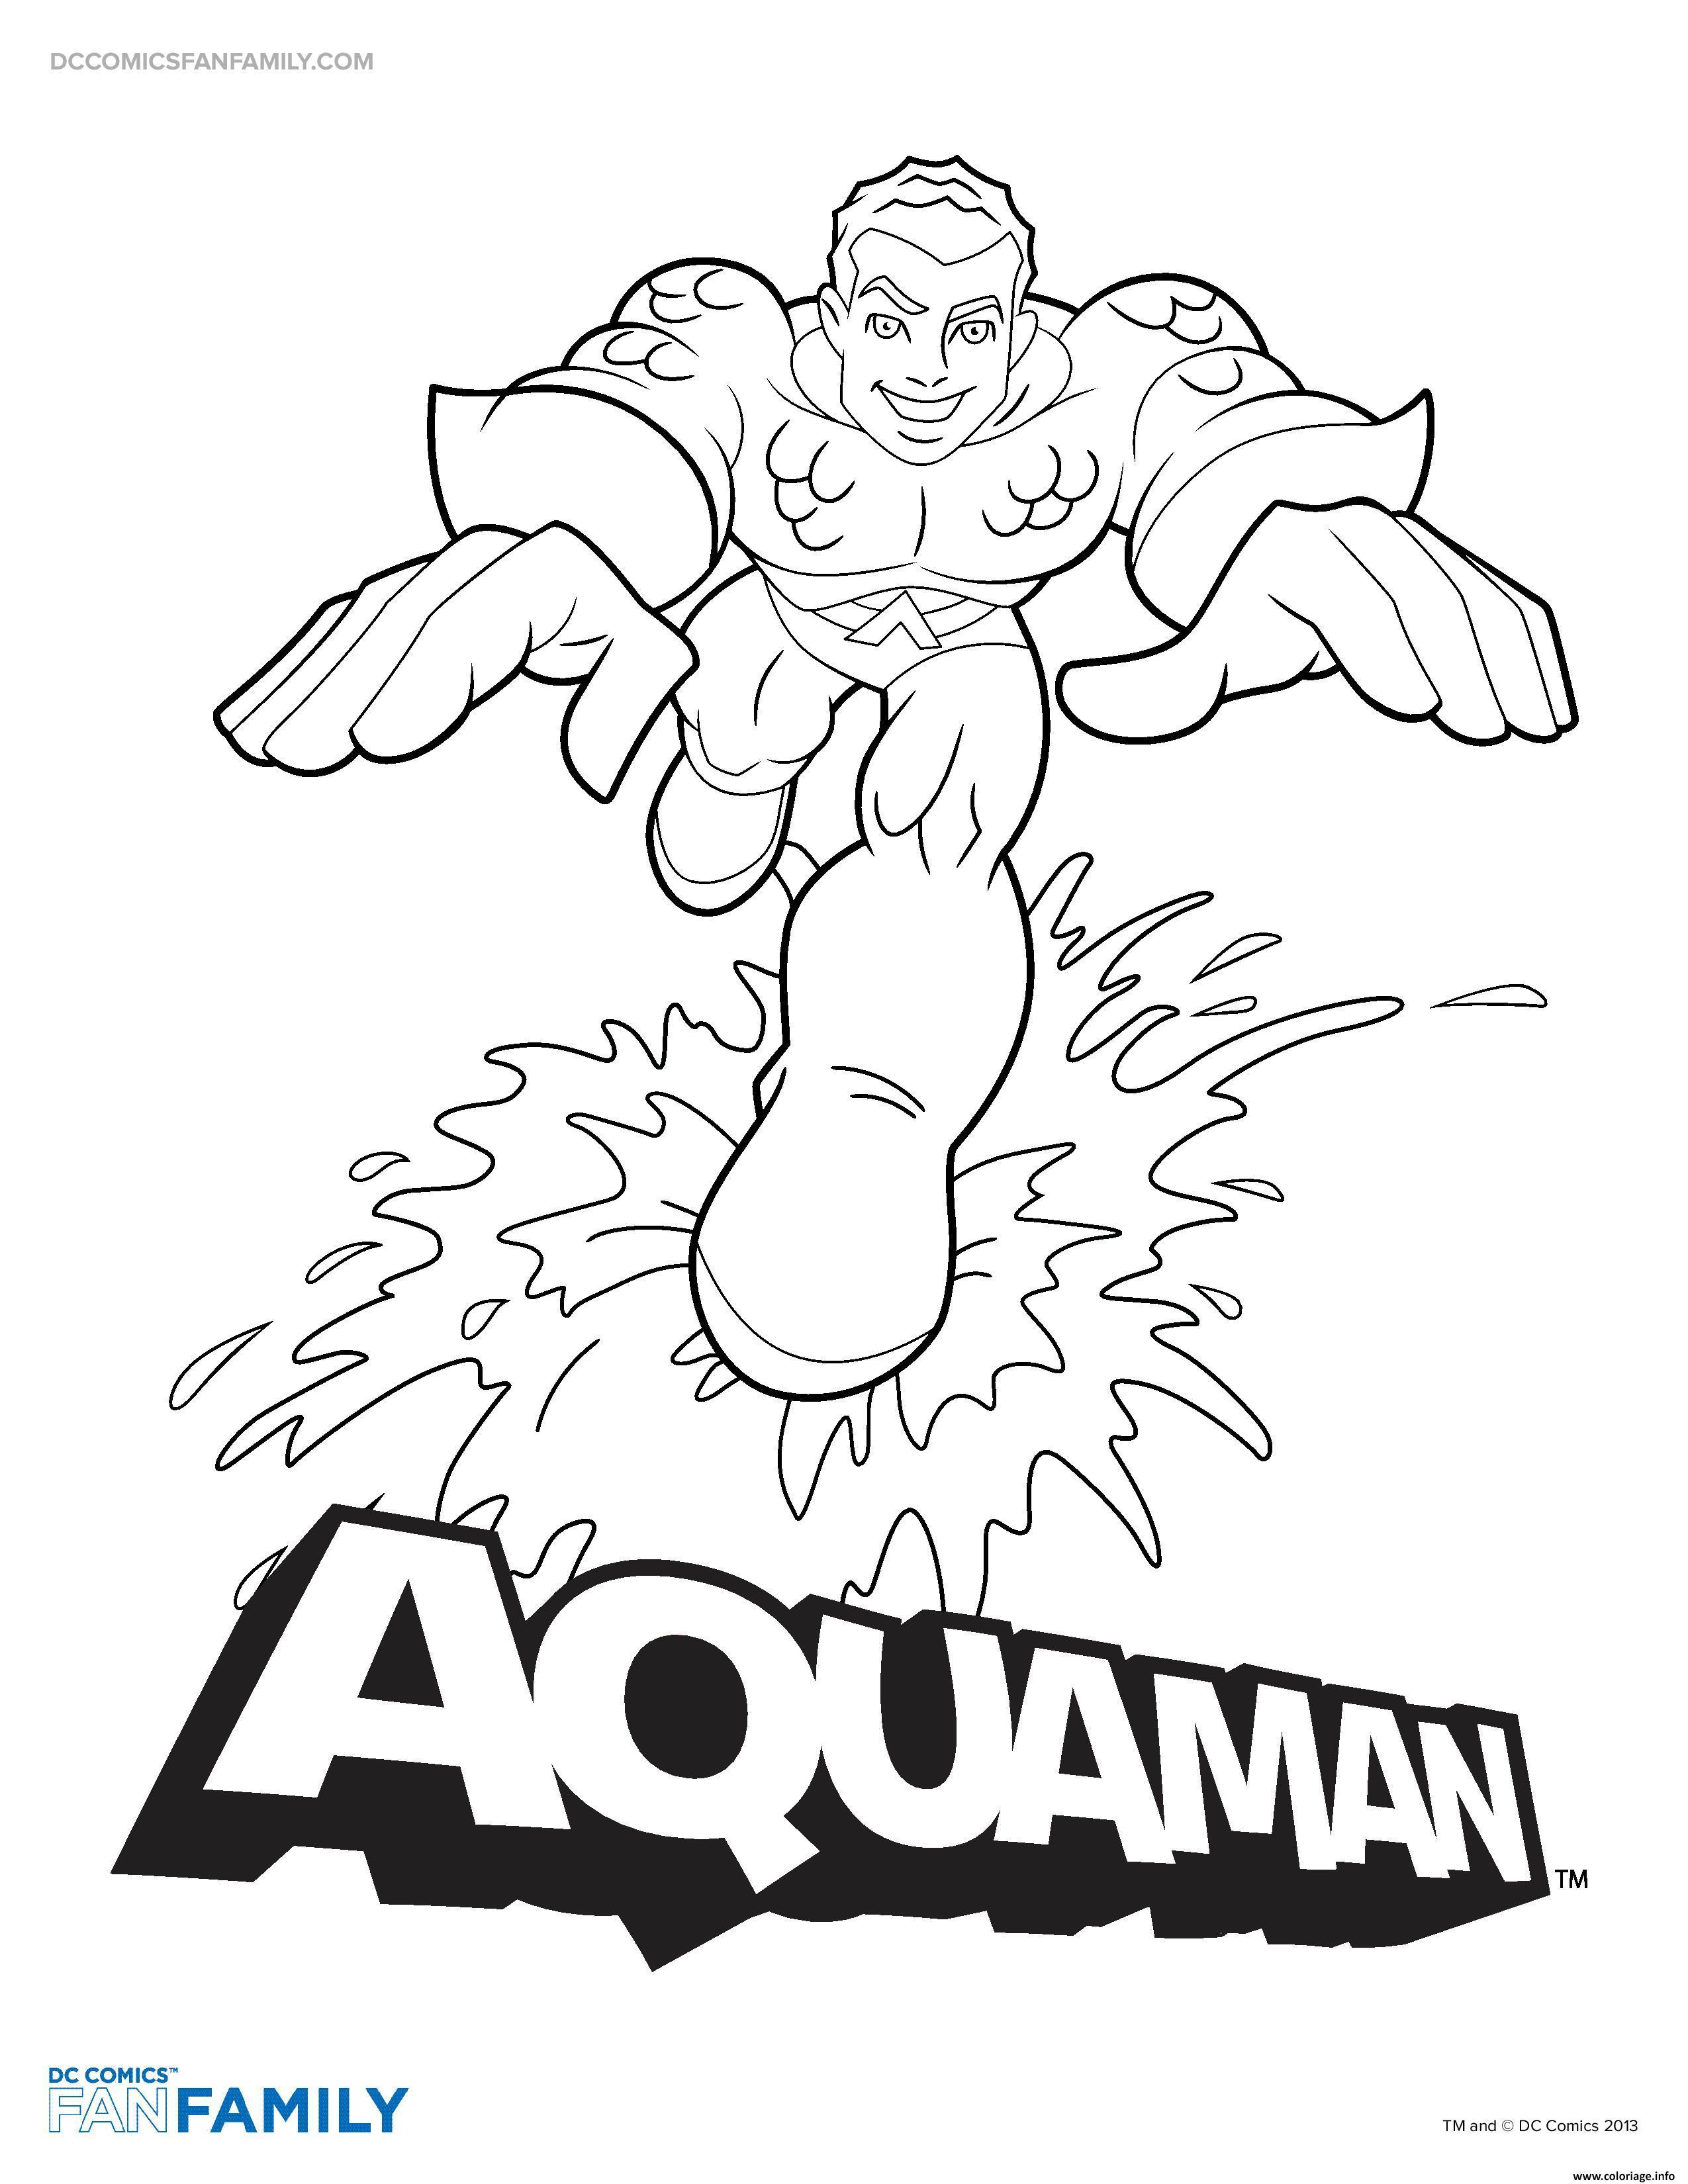 Dessin aquaman hero dc comics Coloriage Gratuit à Imprimer